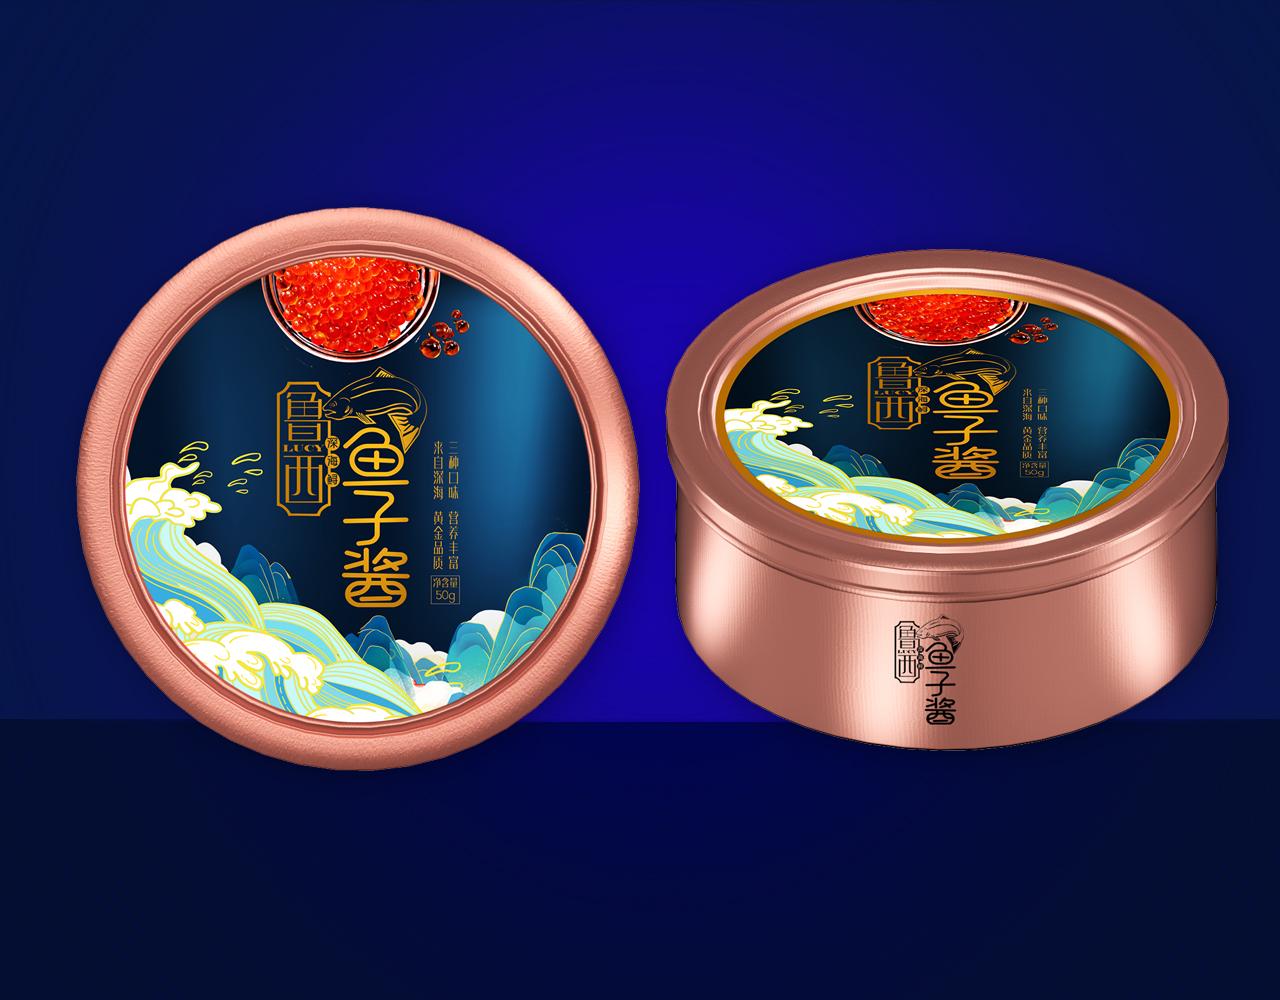 来自深海的《鲁西鲟鱼子酱》高档礼品包装设计